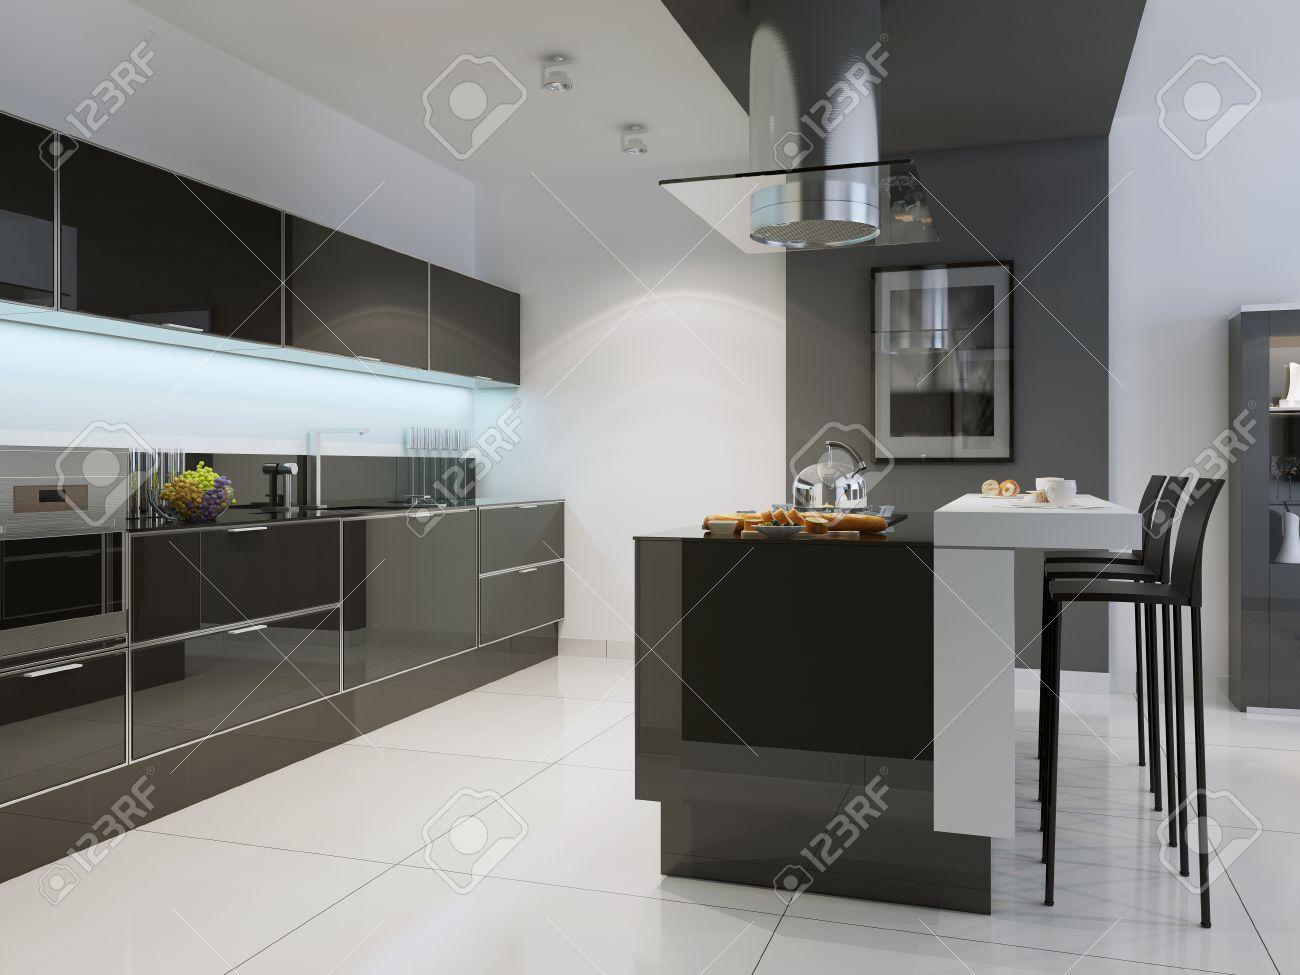 idea de la cocina de estilo techno con barra de la isla muebles negro